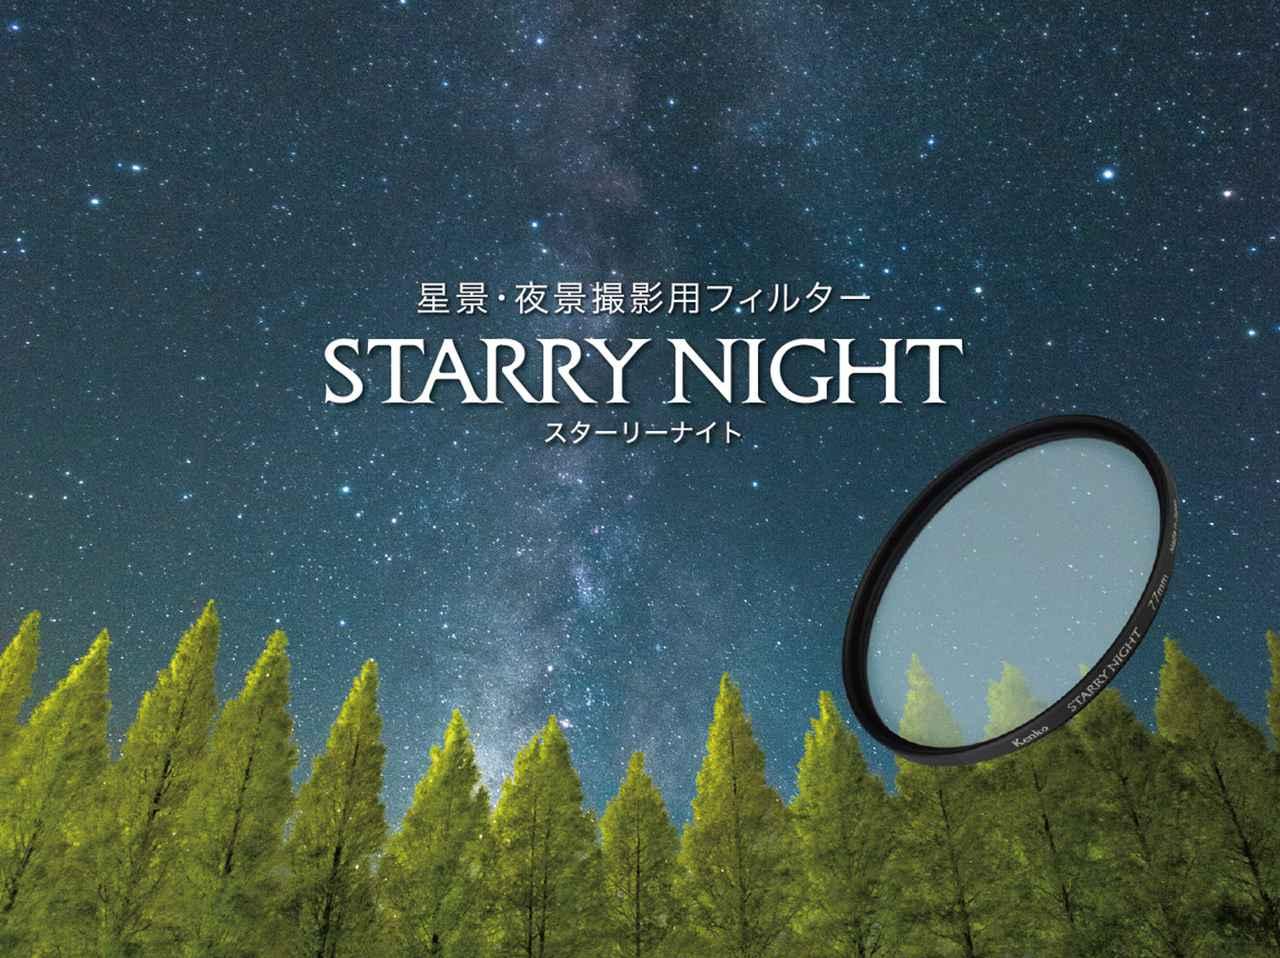 画像: 星景・夜景撮影用フィルター「STARRY NIGHT(スターリーナイト)」